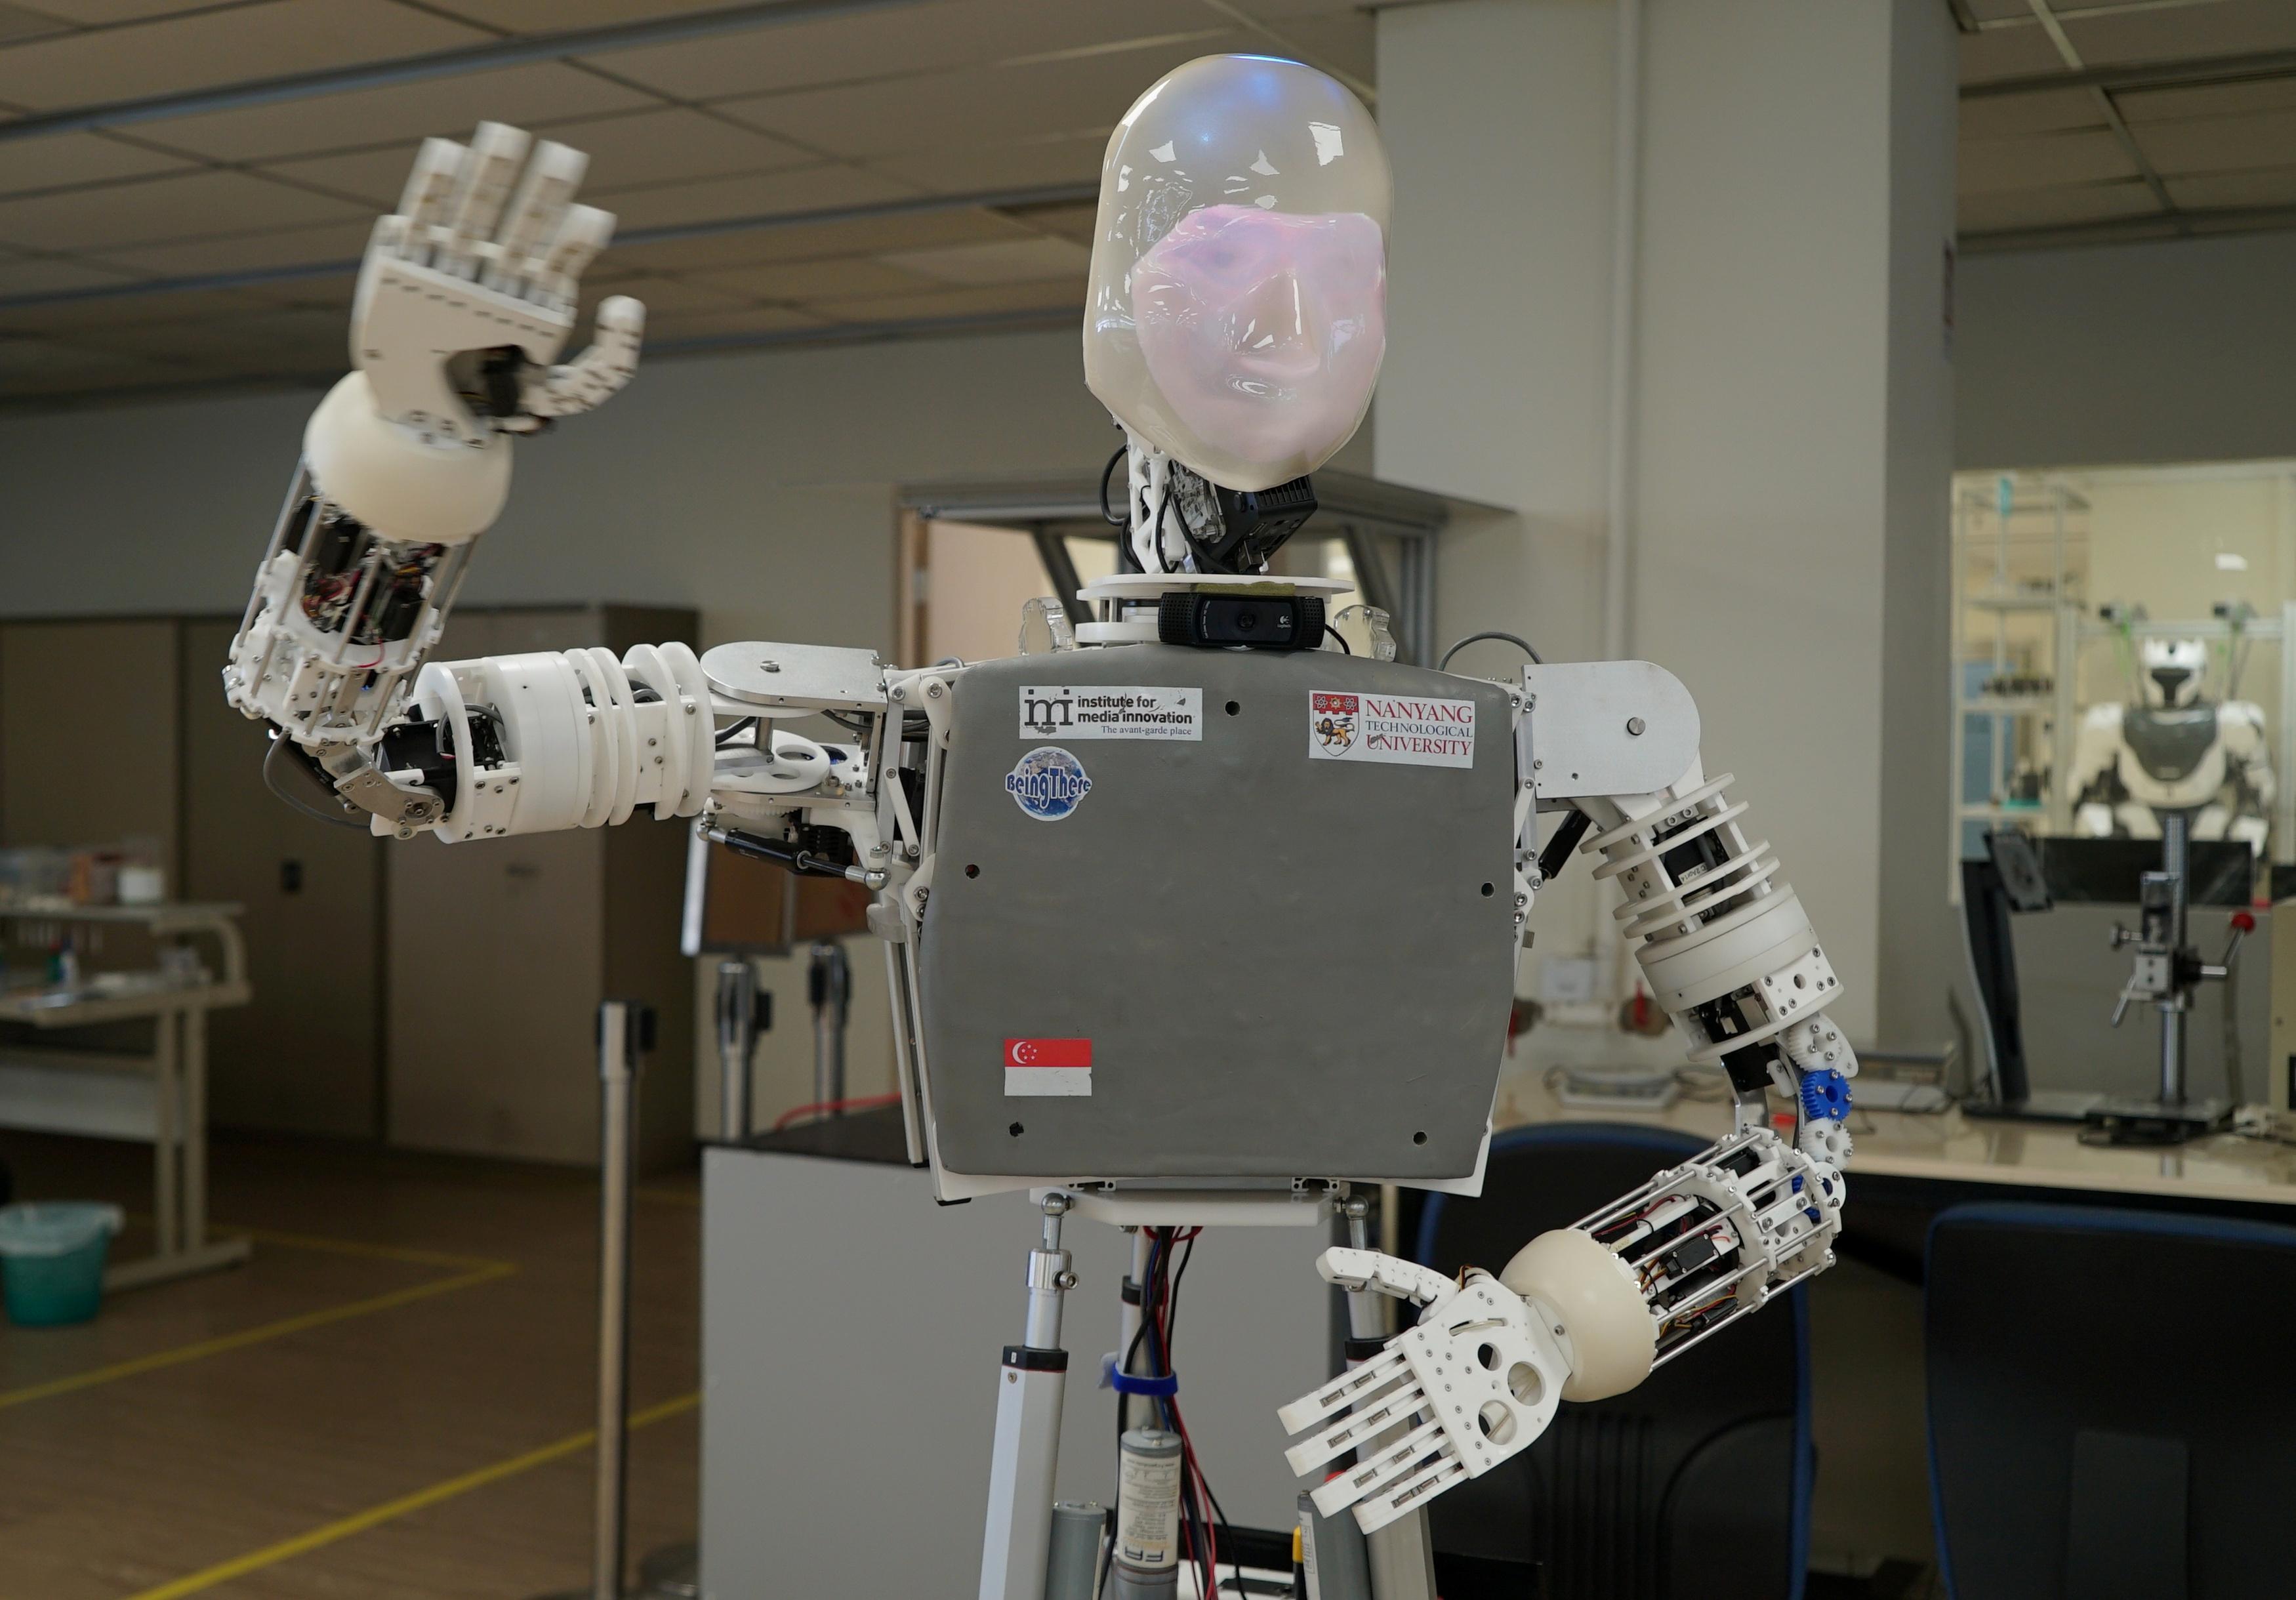 Un couple de dessinateurs de robots singapouriens accueille sa propre création humaine